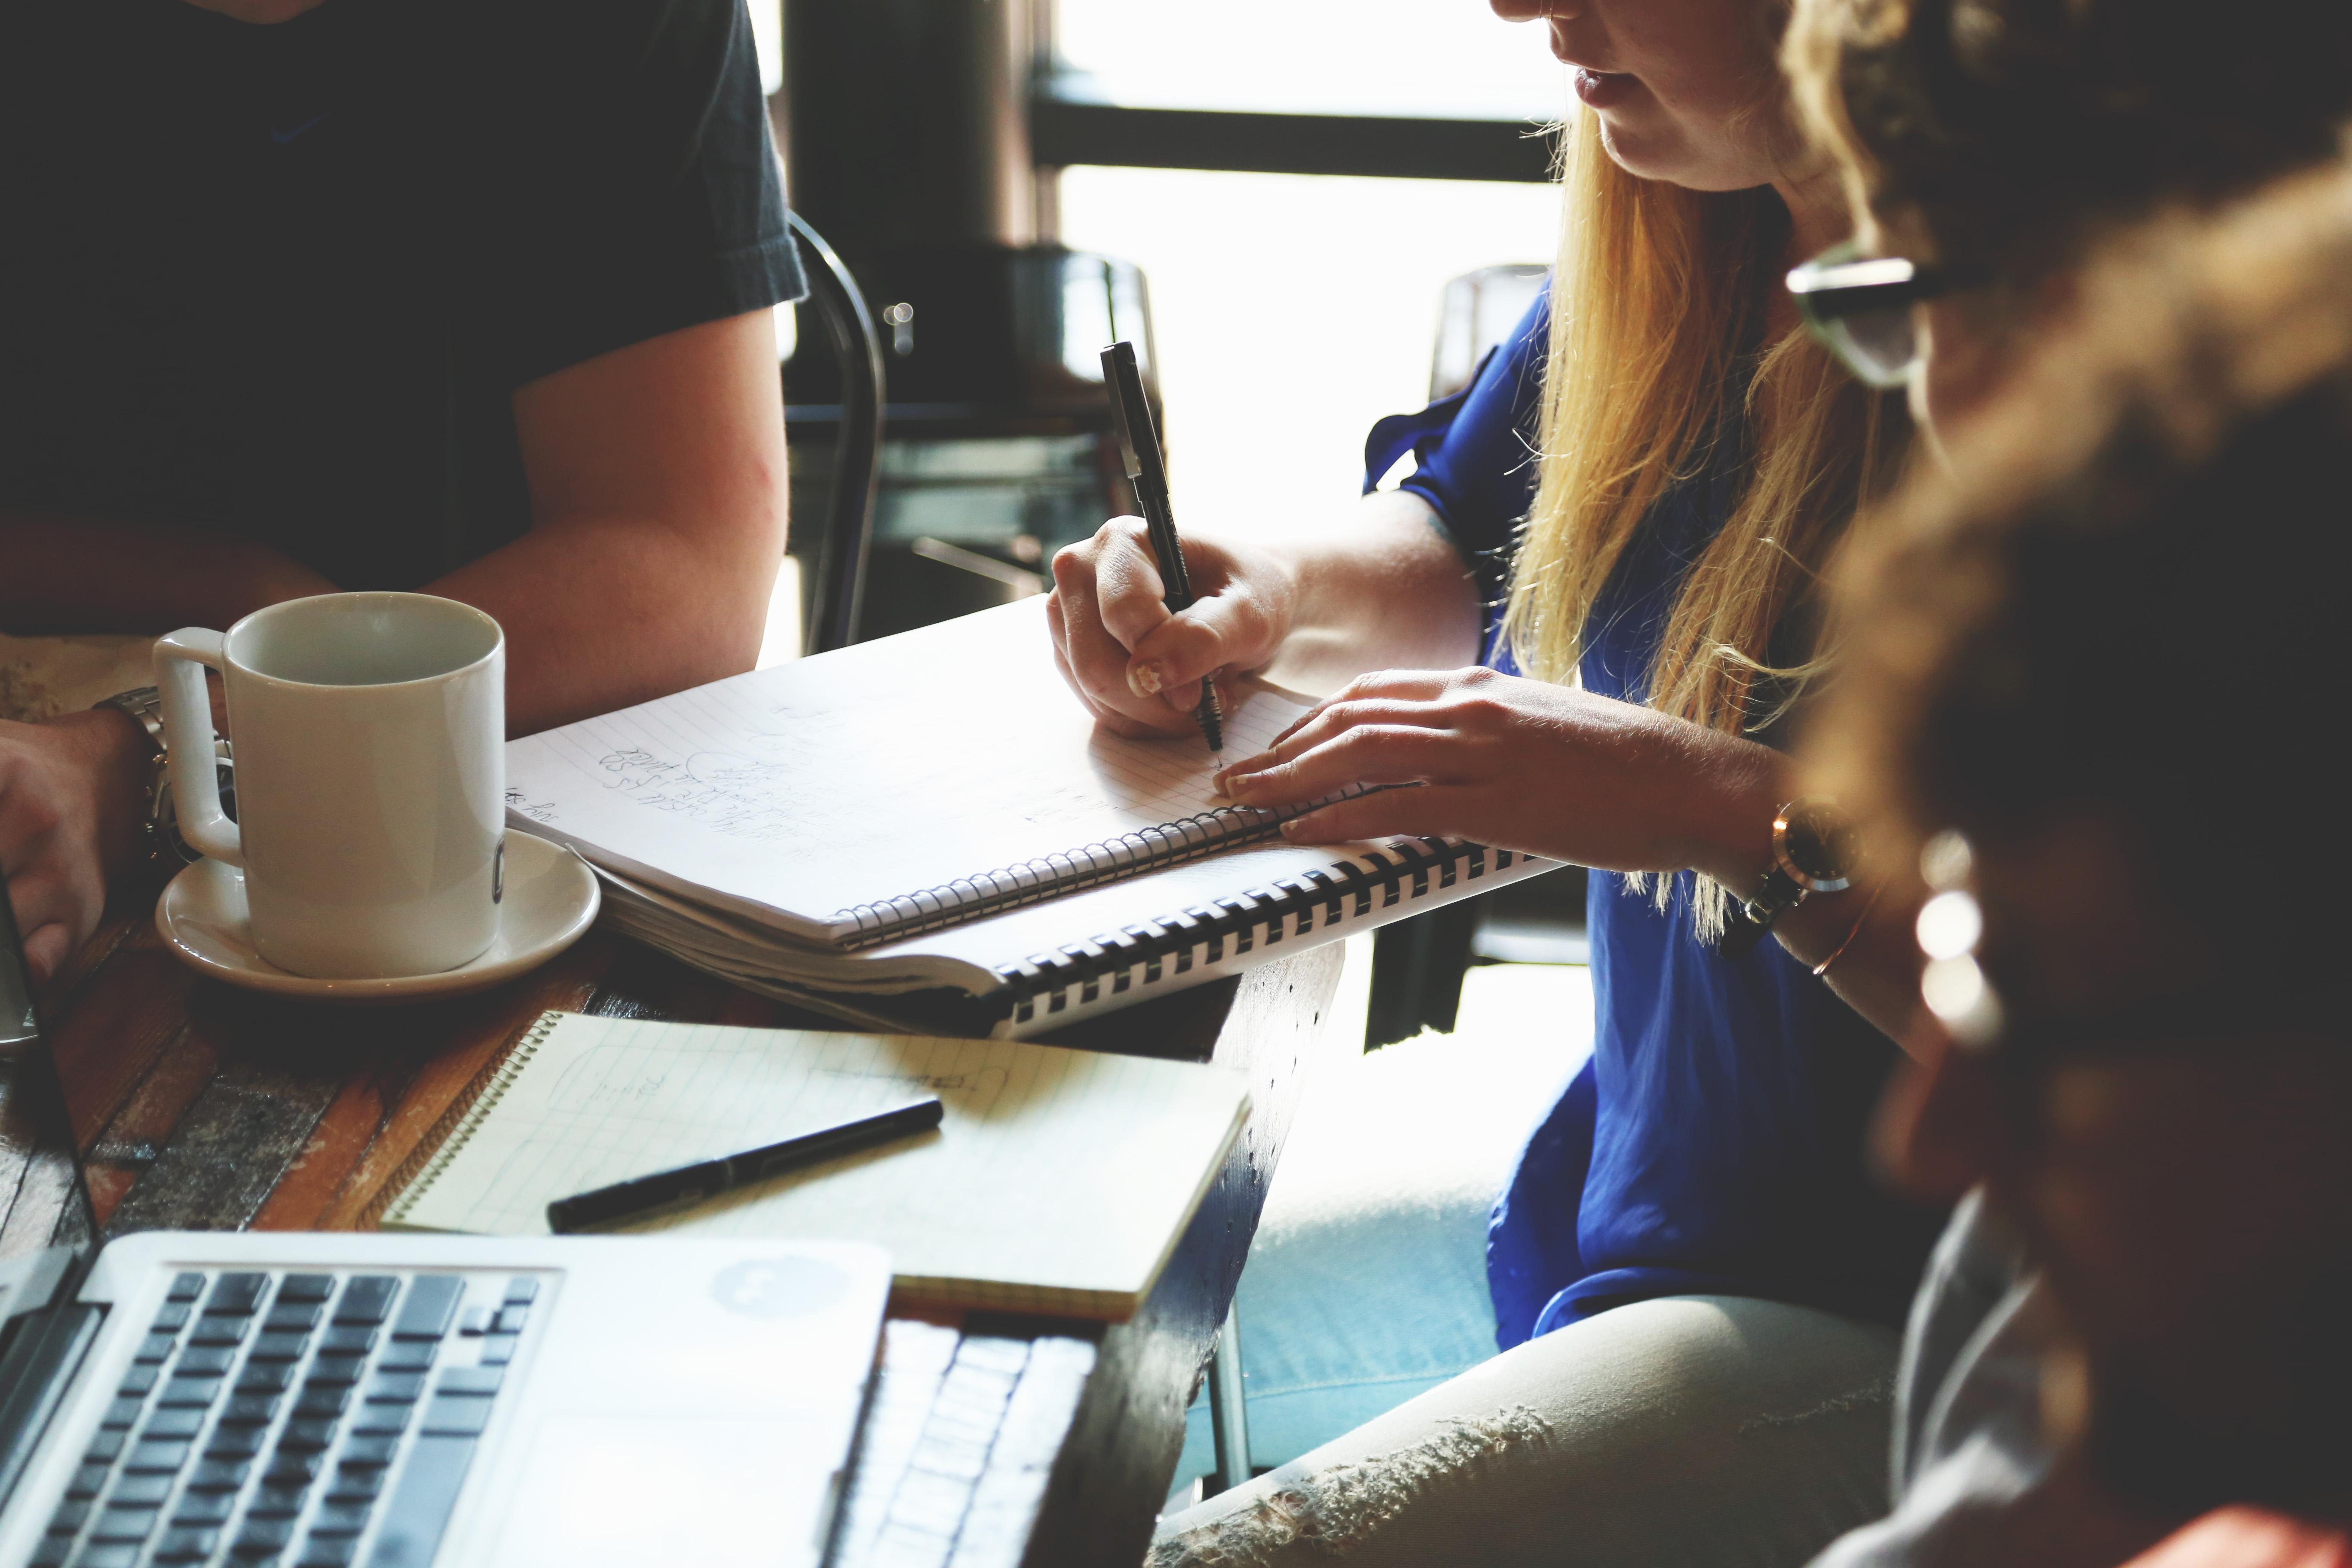 trabajo en equipo, grupo de trabajo, empleados, tareas